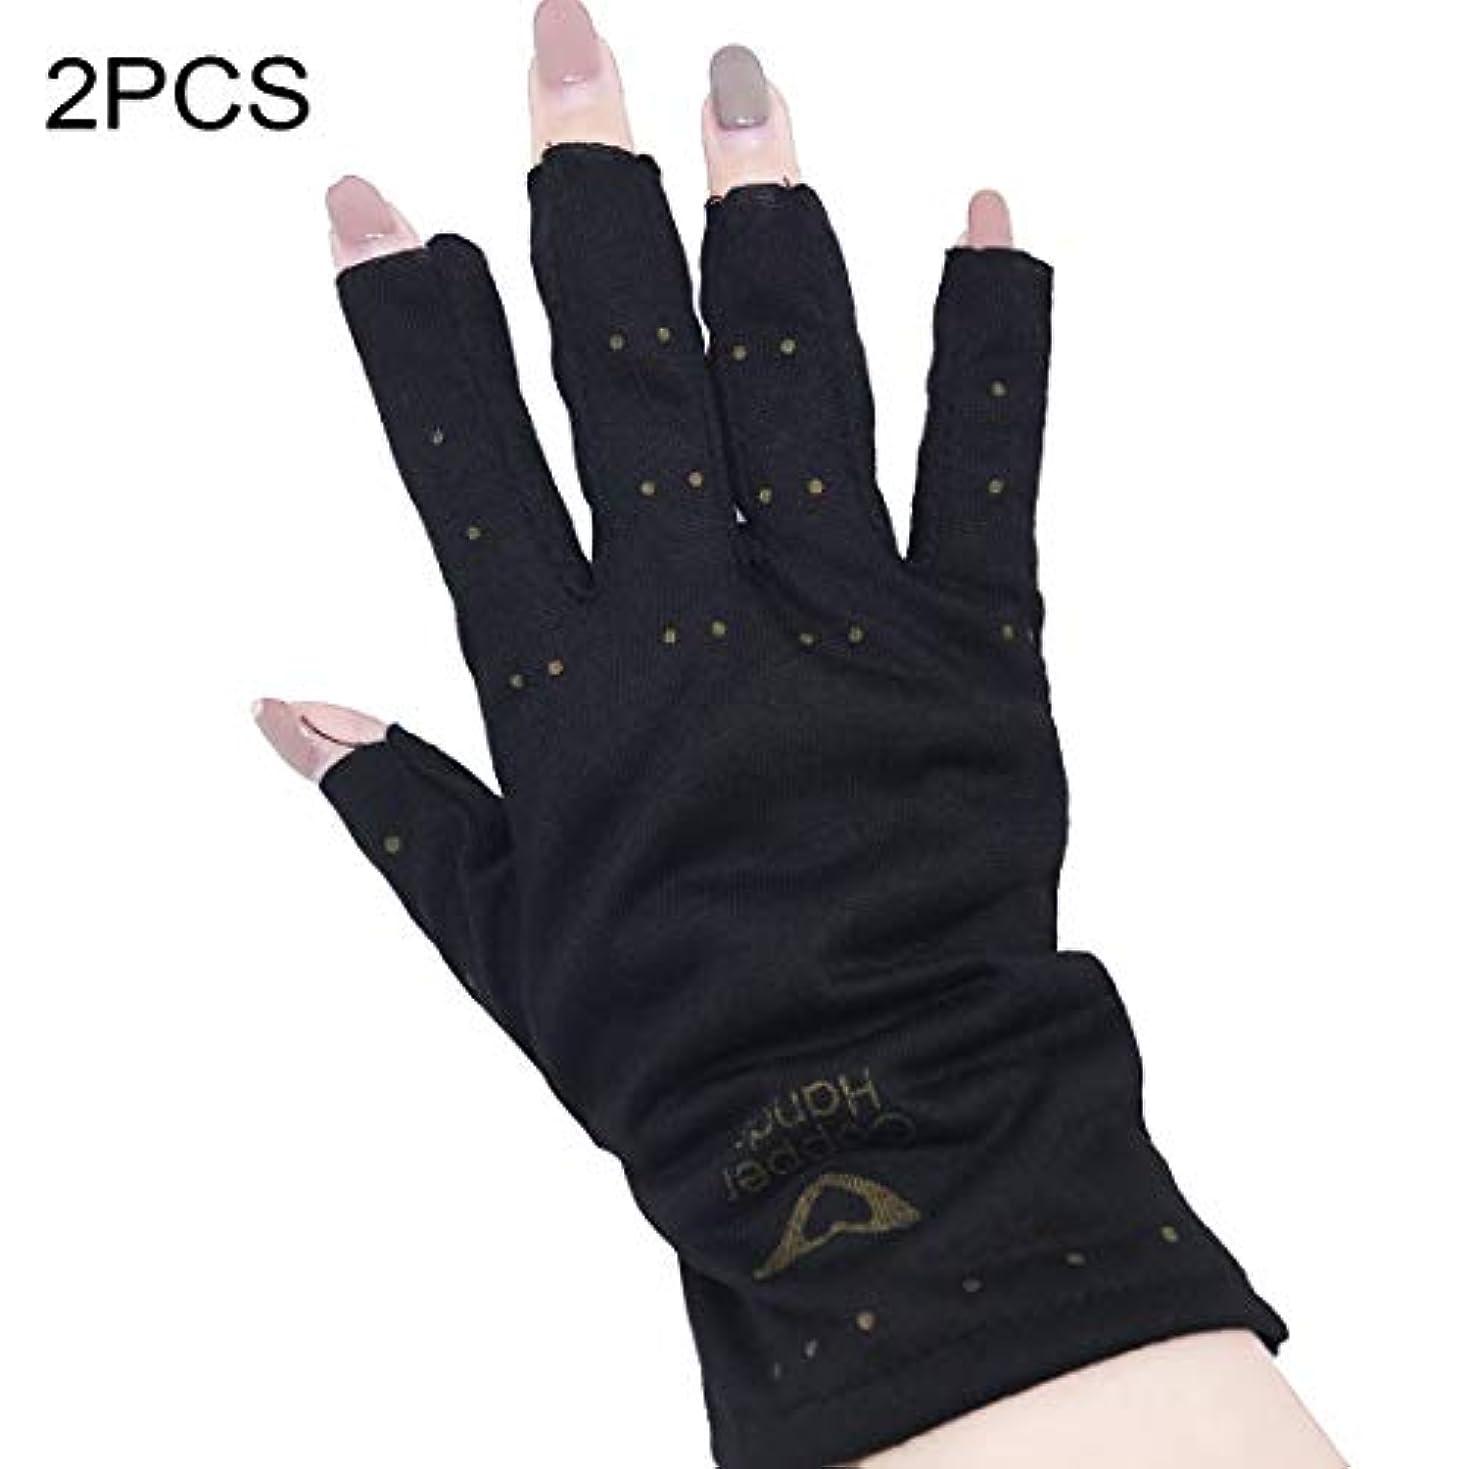 スピーチ吸収するキモいMEI1JIA 2 PCS関節炎関節痛症状軽減指なし手袋ハンド